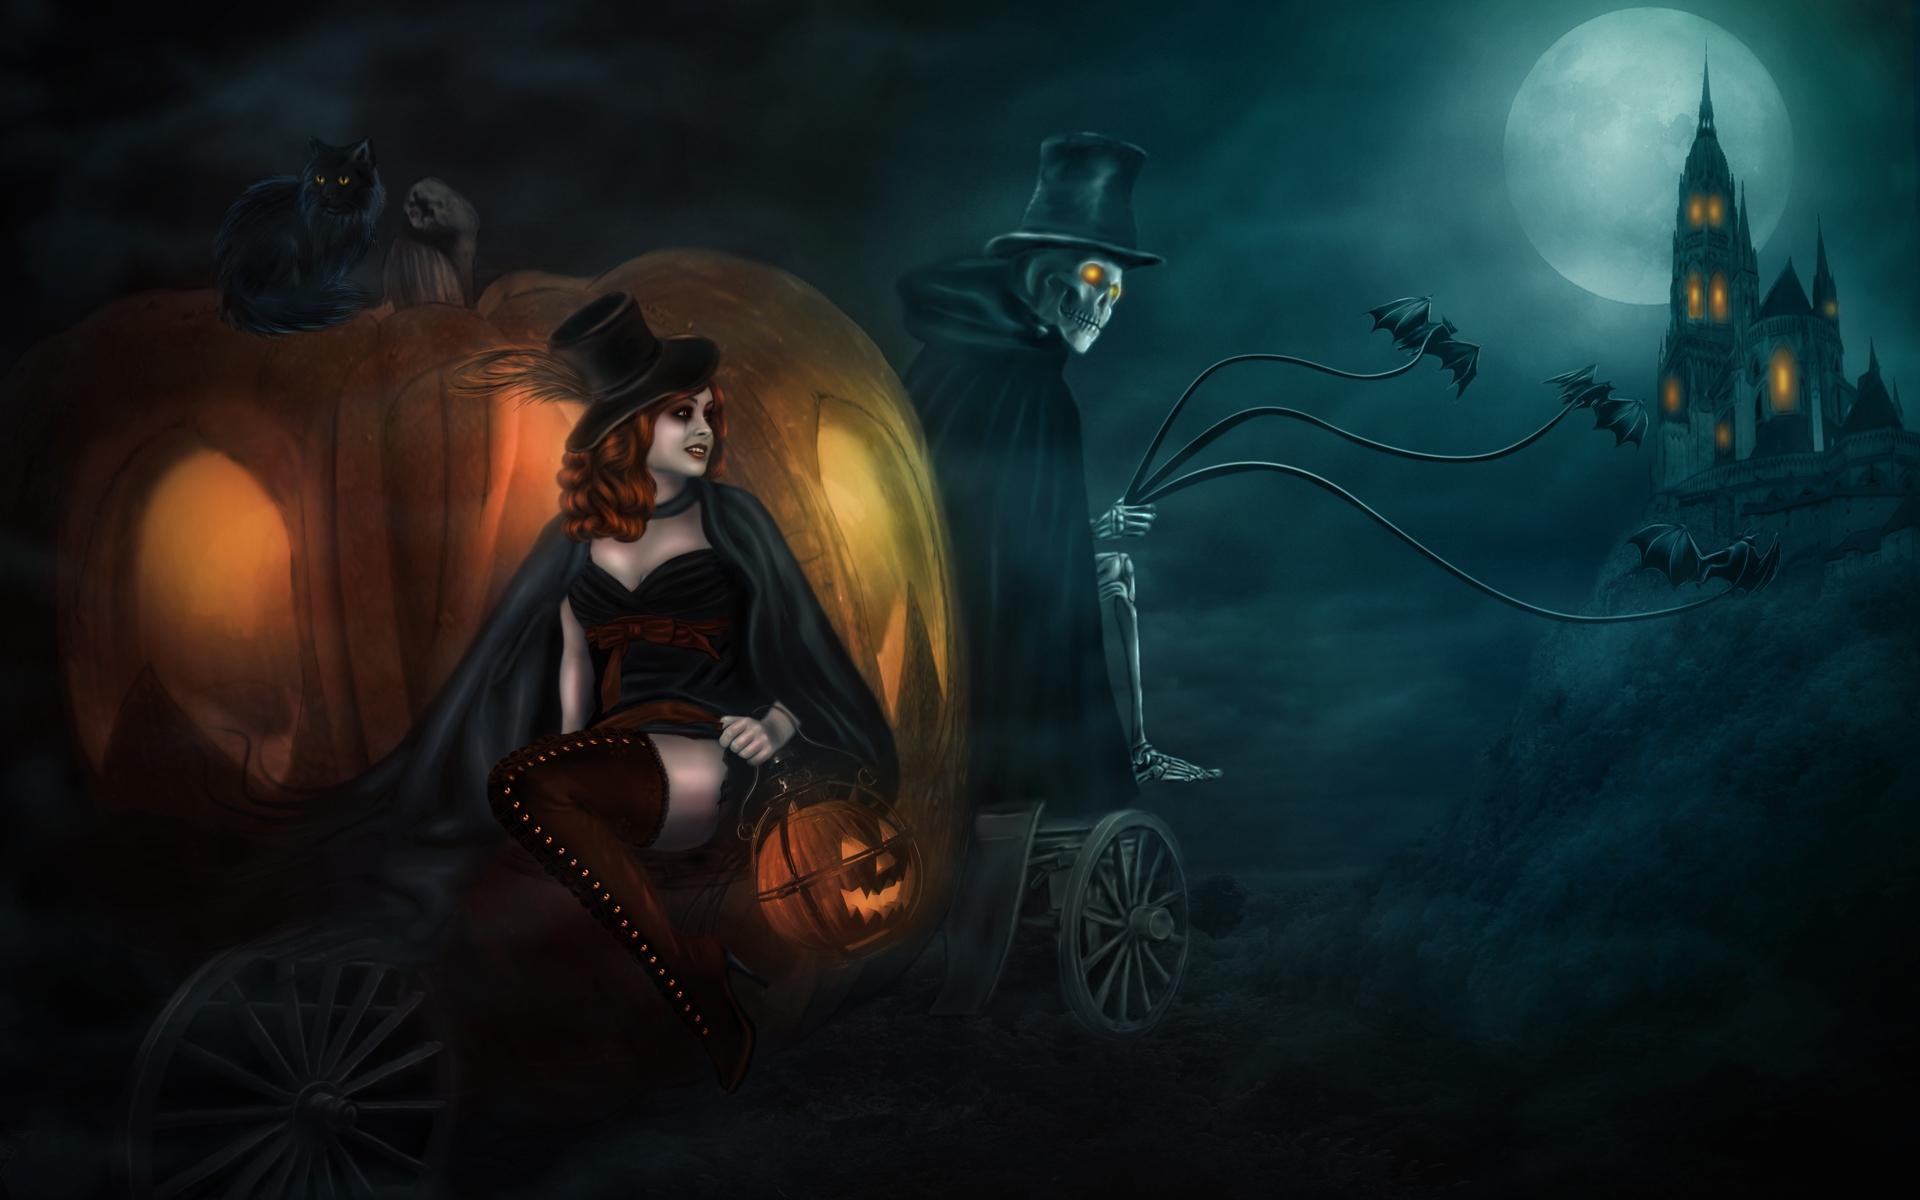 Una bruja en halloween - 1920x1200